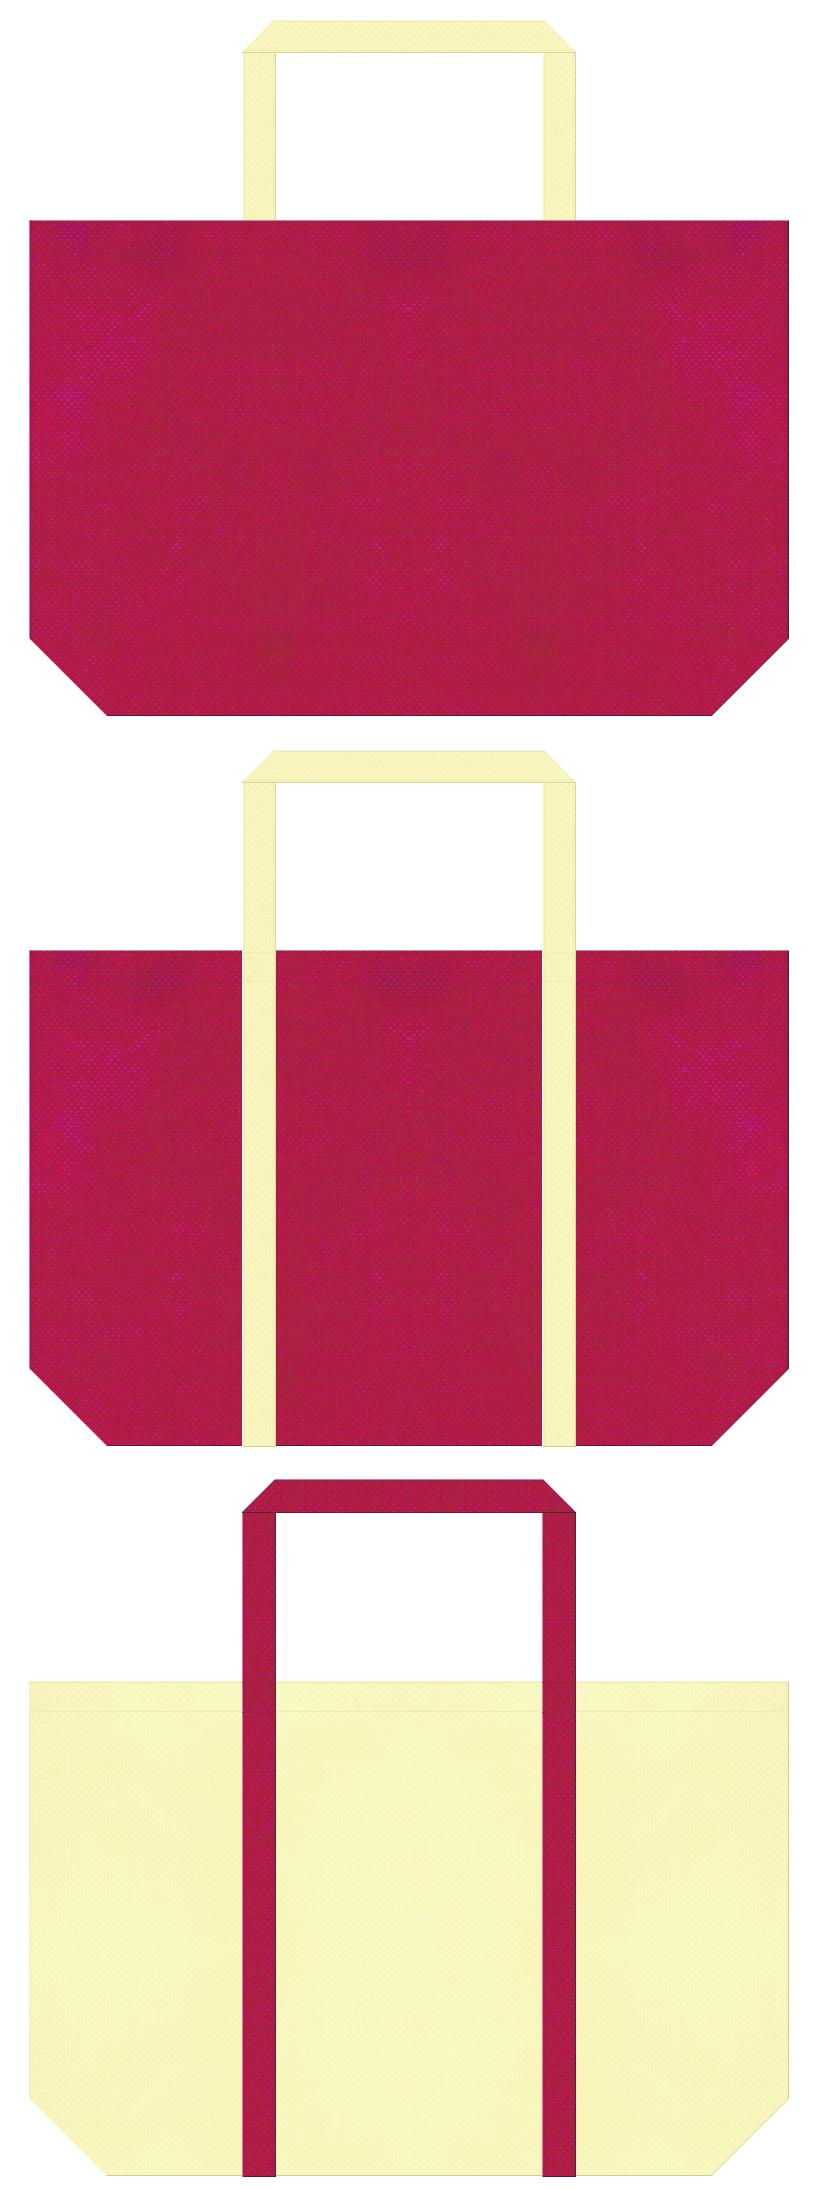 通園バッグ・むかし話・月・かぐや姫・絵本・キッズイベント・ひなまつりセールのショッピングバッグにお奨めの不織布バッグデザイン:濃いピンク色と薄黄色のコーデ